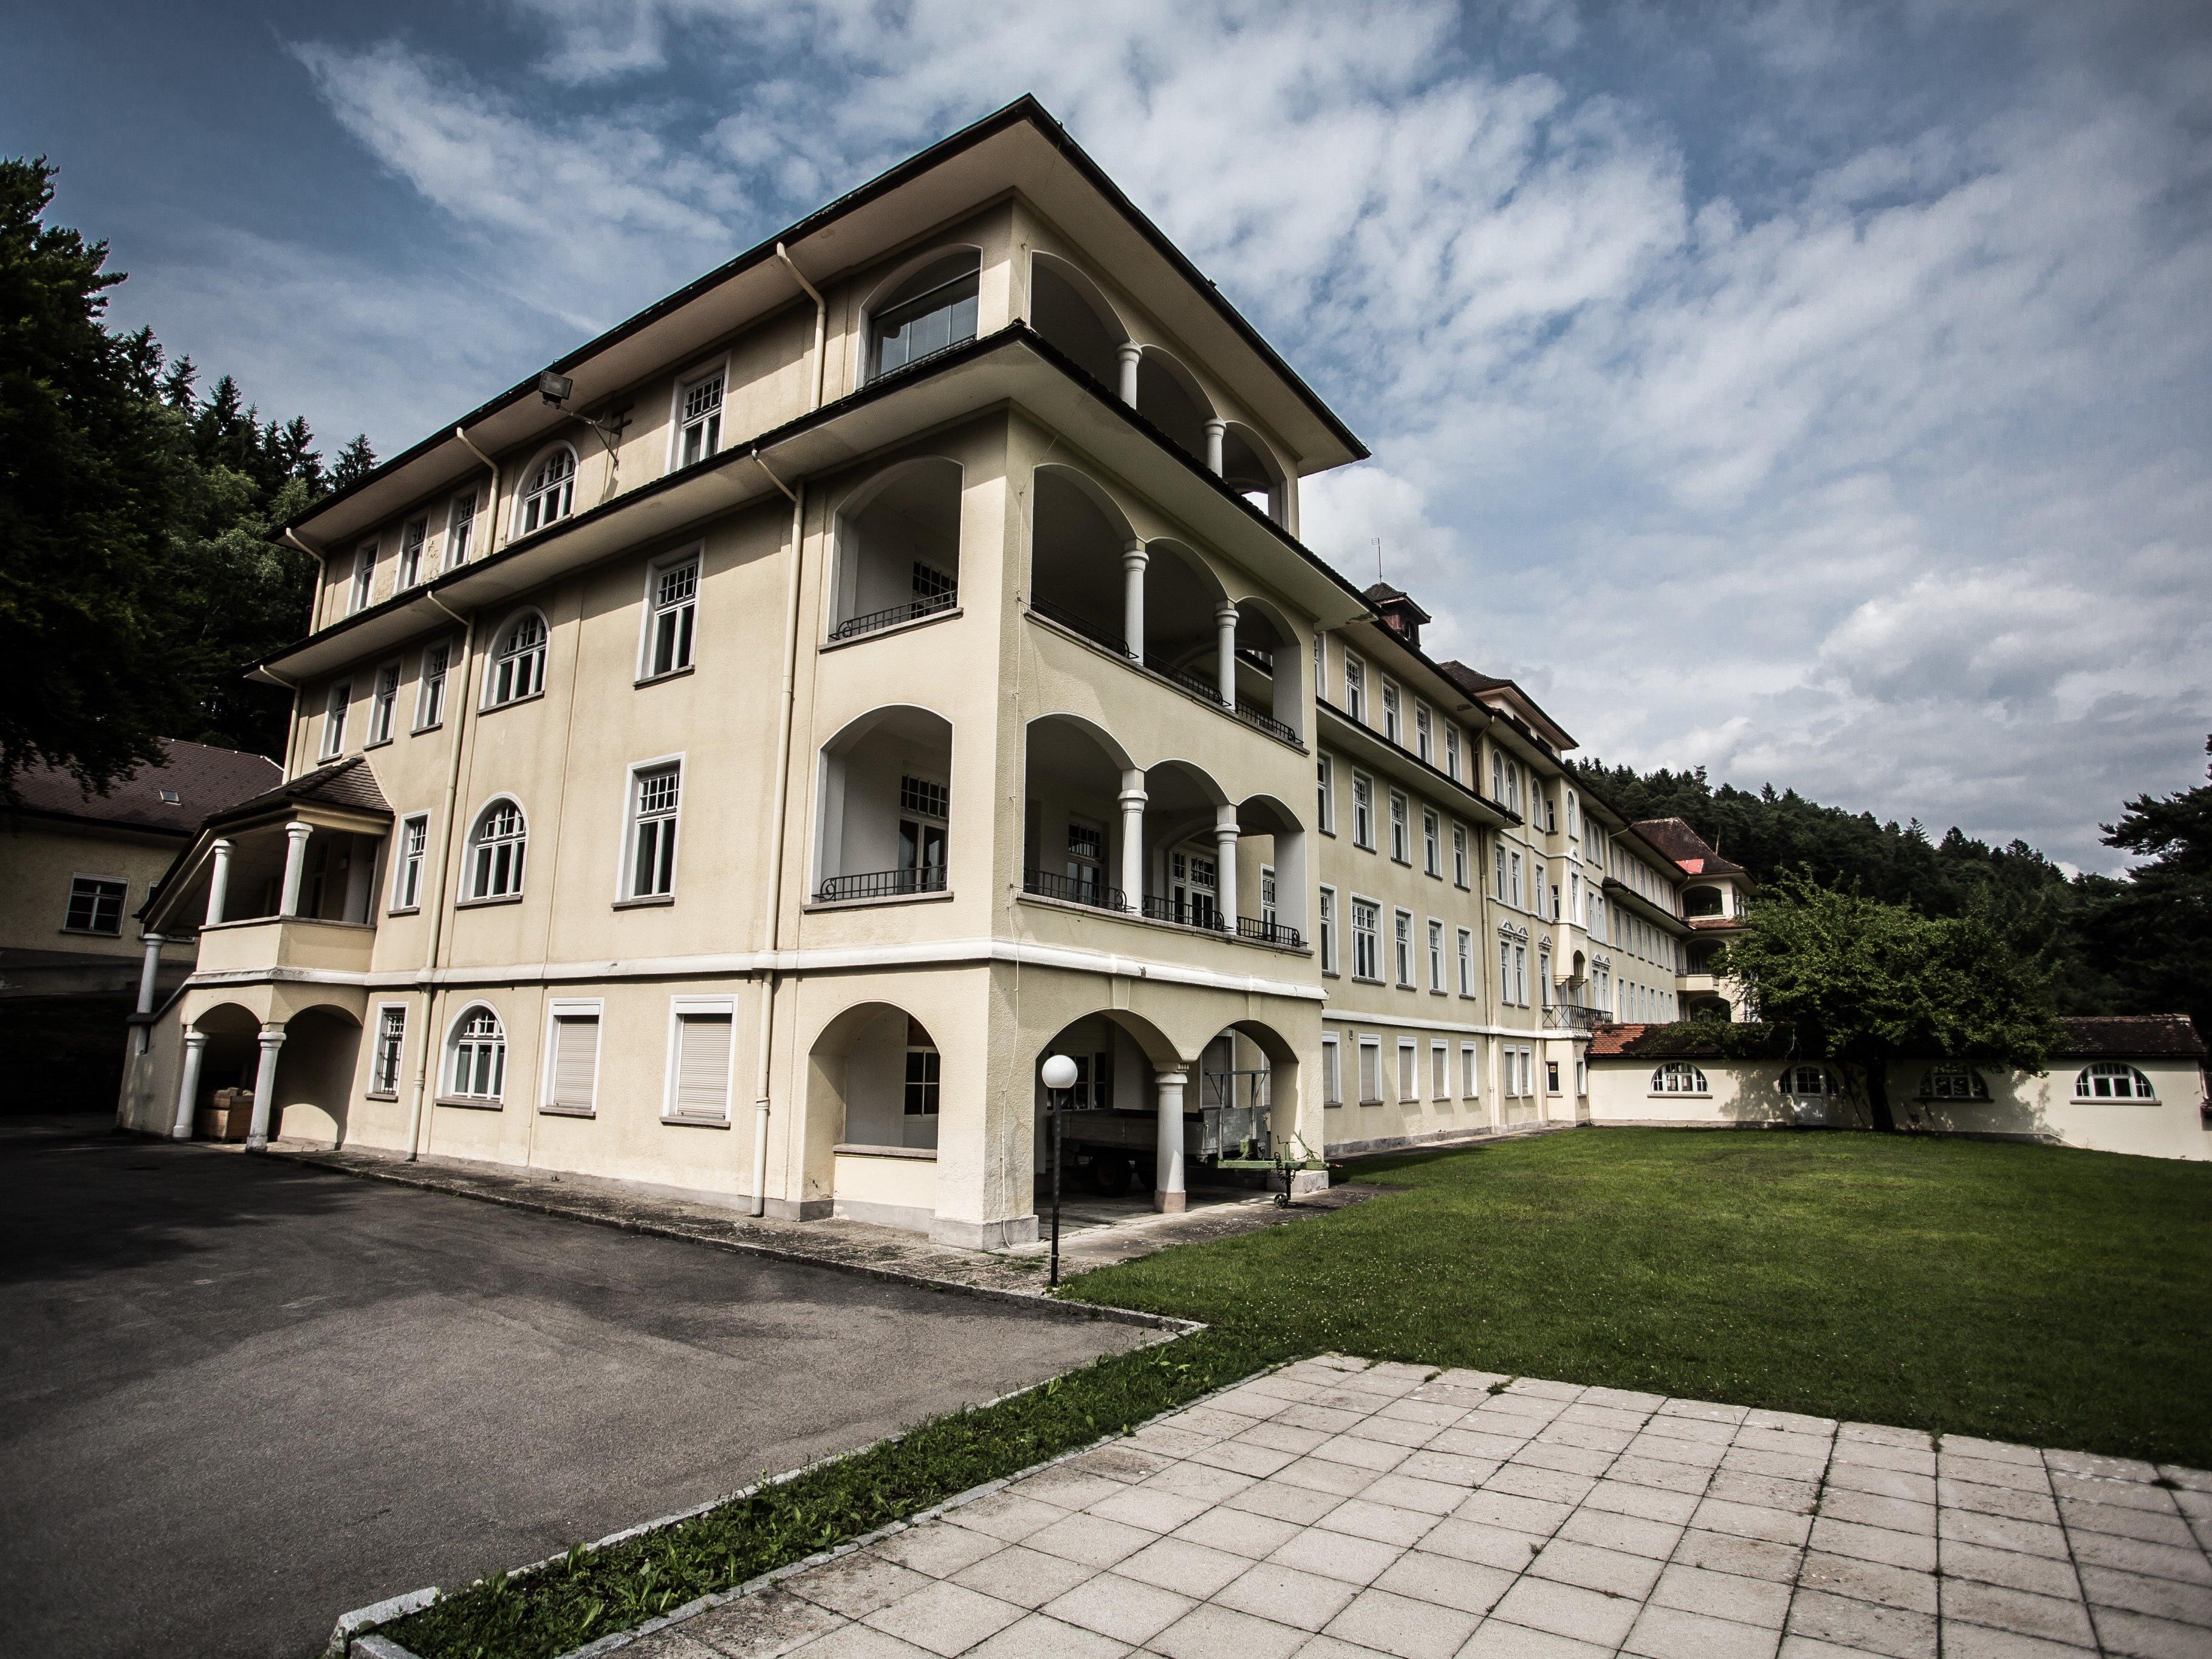 Die frühere Lungenheilanstalt Gaisbühel ist mittlerweile eine Unterkunft für Asylwerber.